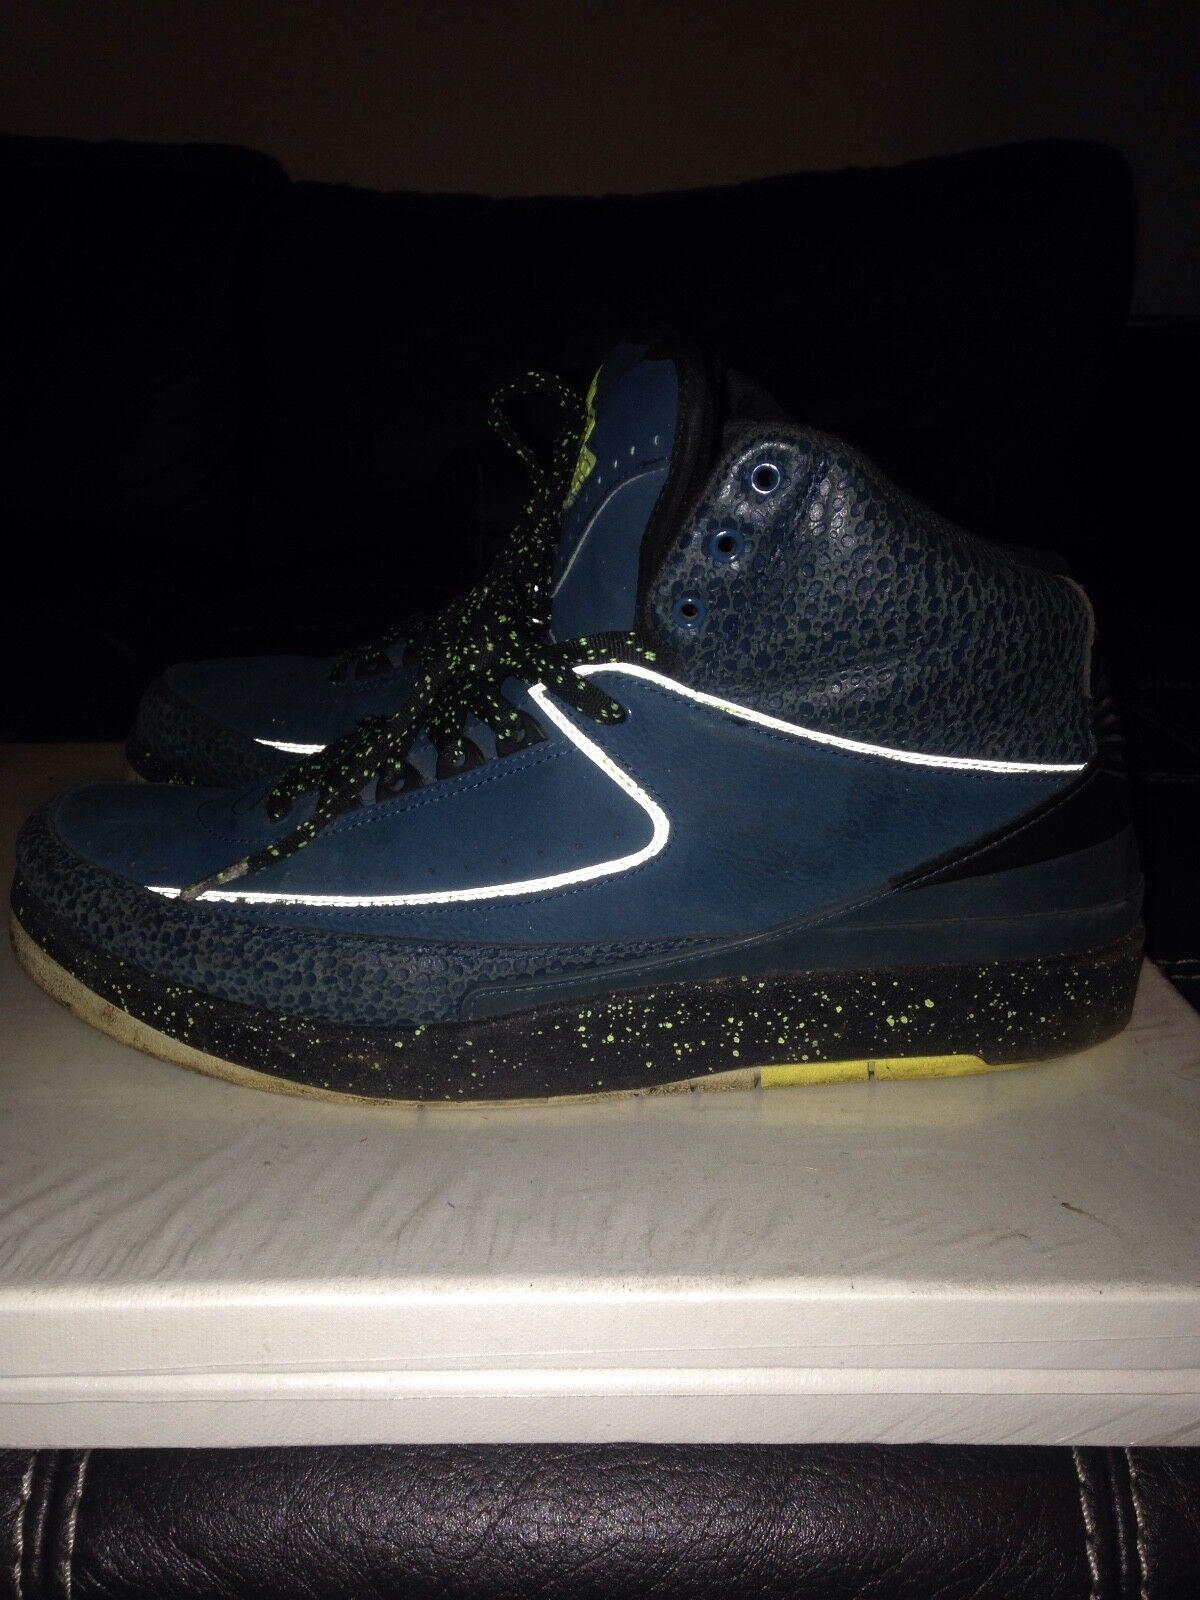 Nike Air Jordan 2 II Retro Nightshade Used Comfortable Cheap women's shoes women's shoes